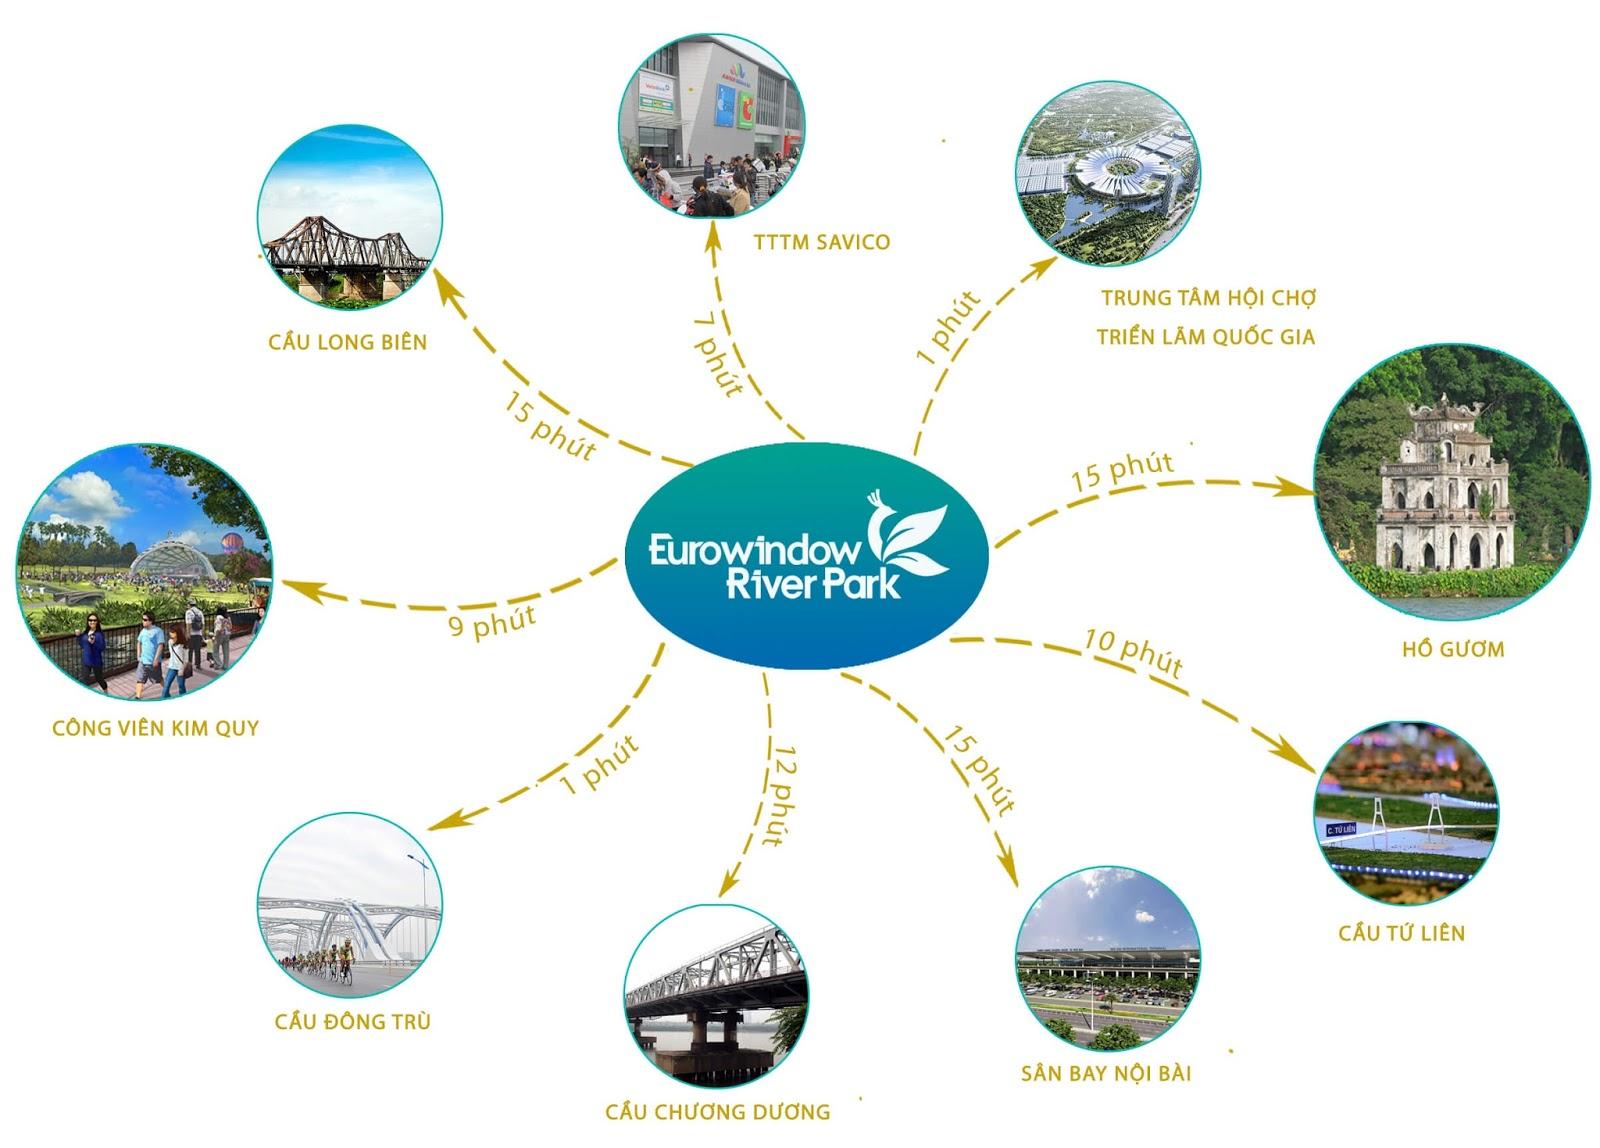 Liên kết khu vực tại dự án Eurowindow River Park Đông Trù